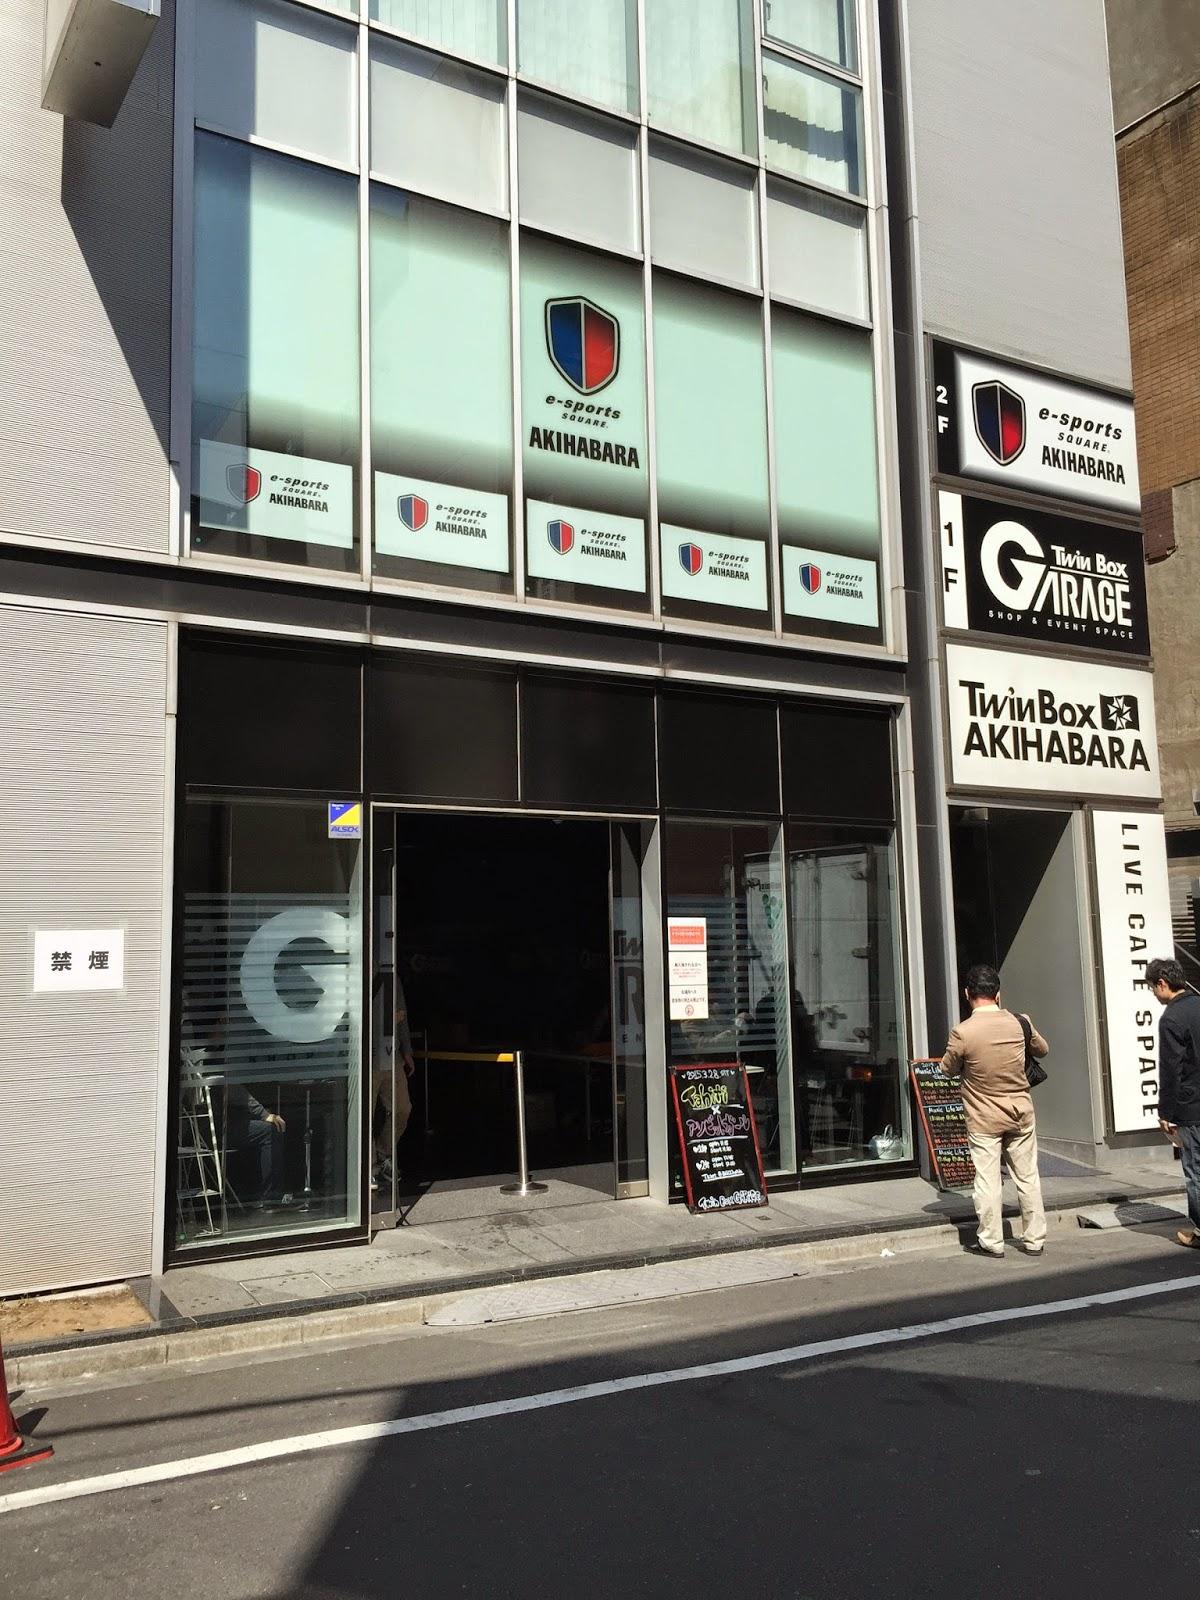 Akihabara Twin Box